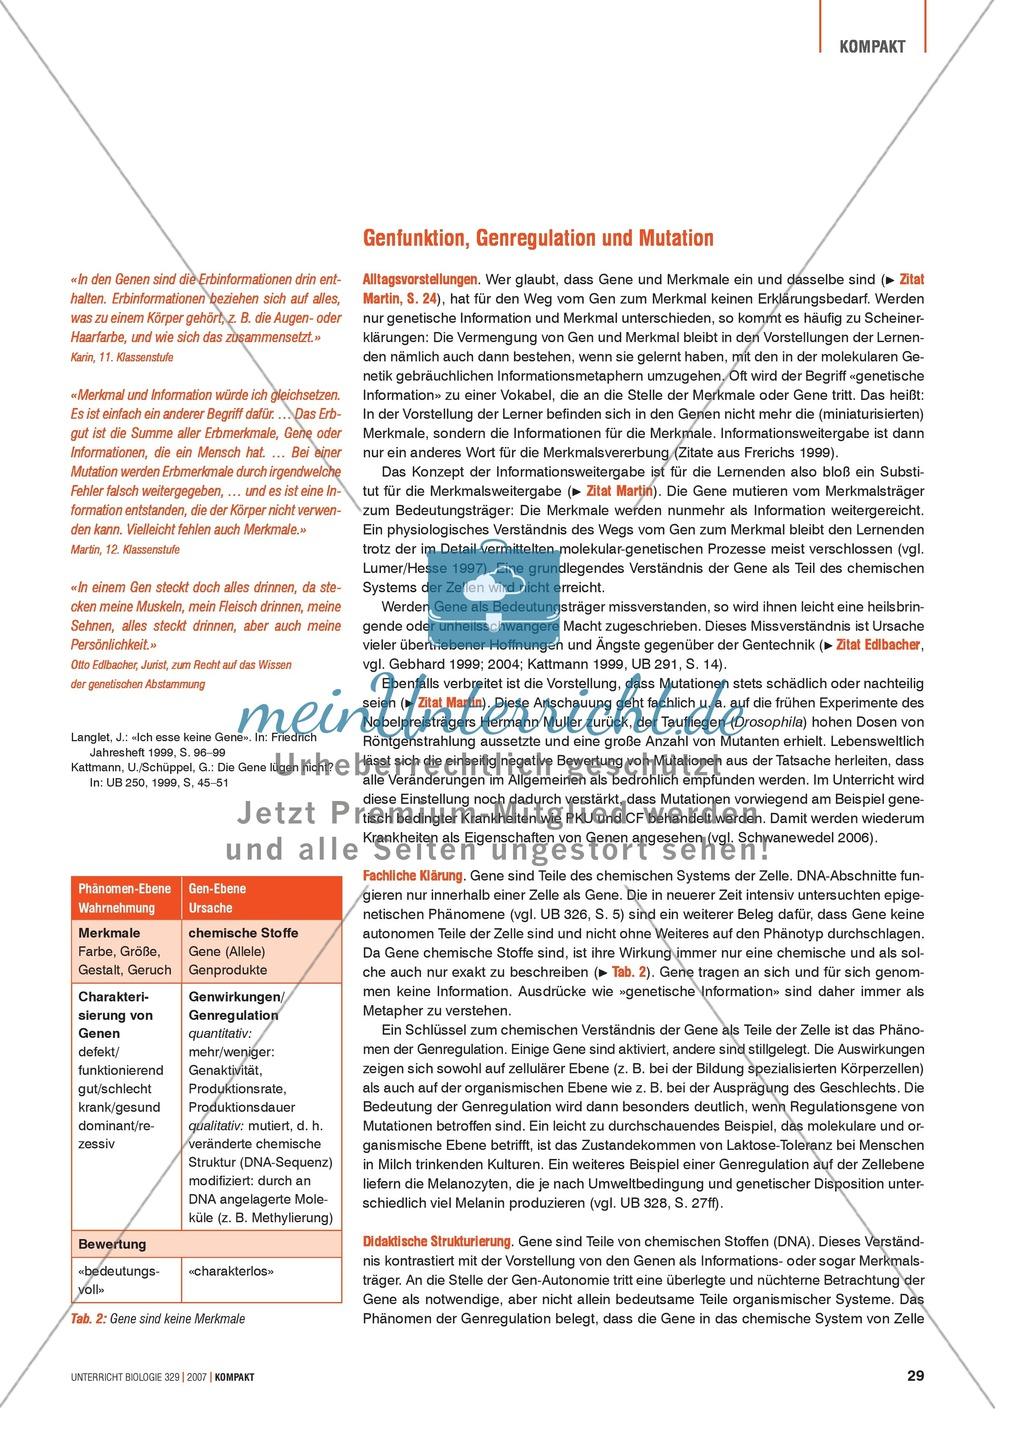 Alltagsvorstellungen zur Genetik: Genfunktion, Genregulation und Mutation: Info-Text und Aufgaben Preview 0